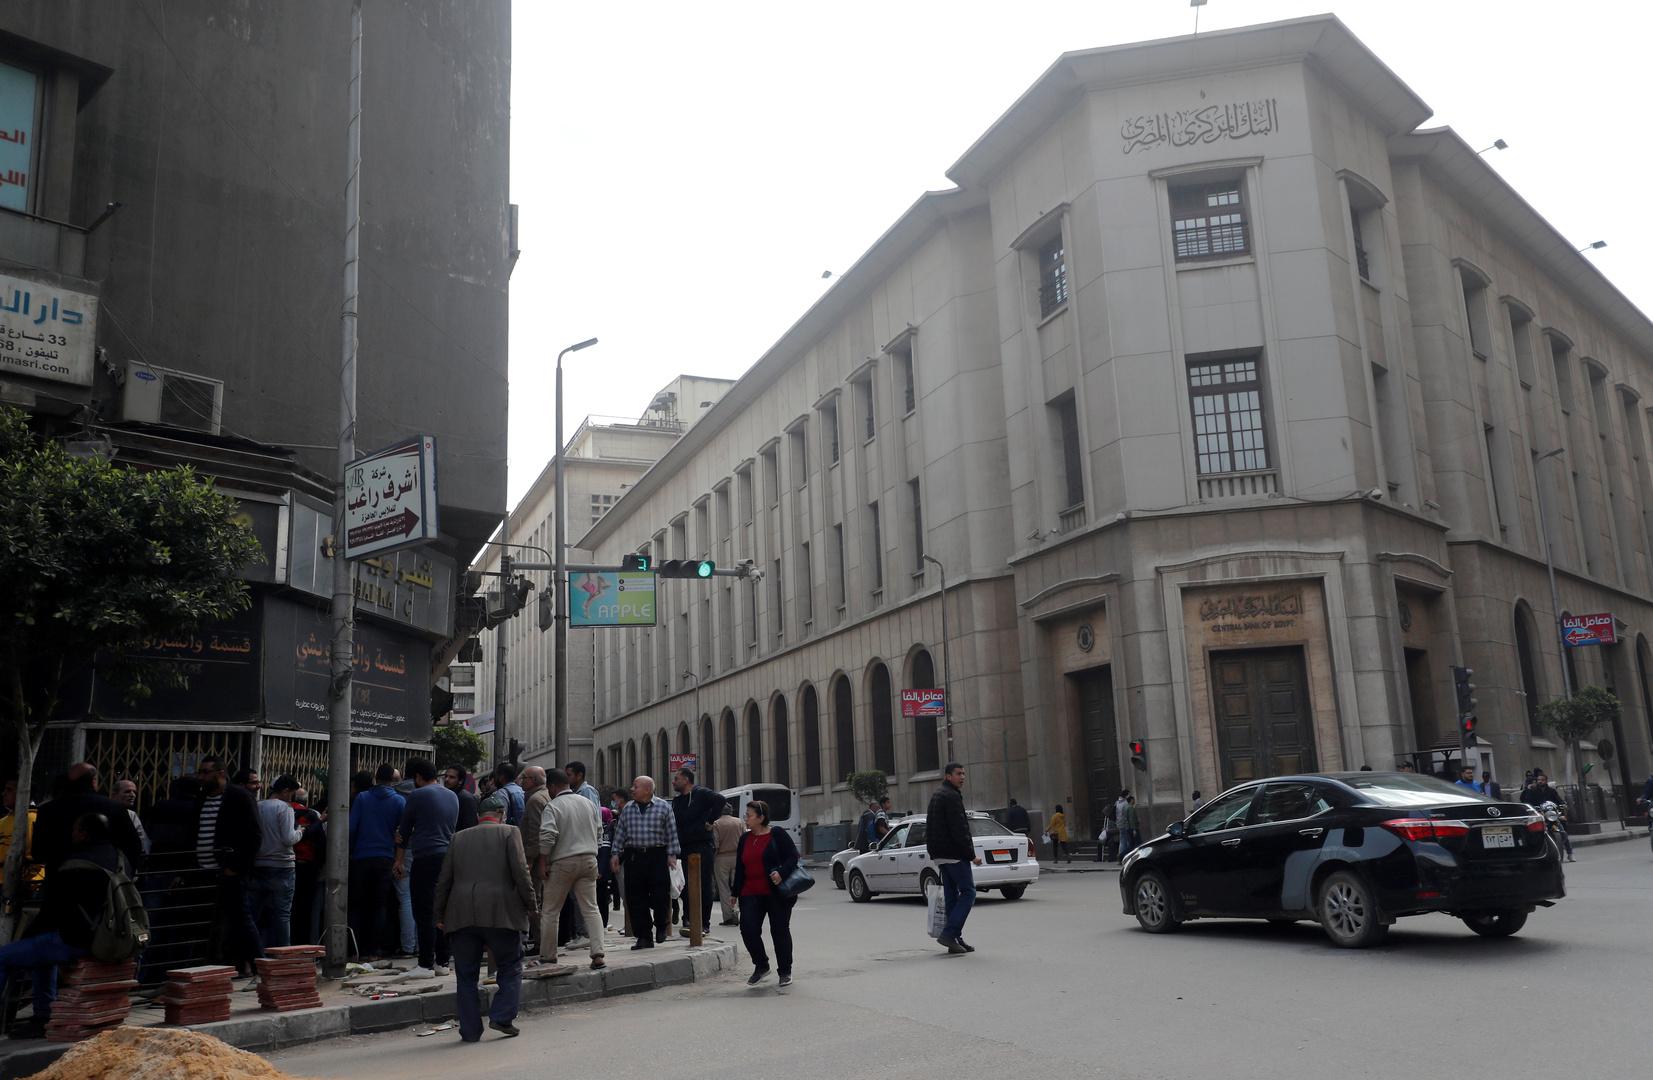 البنك المركزي المصري يعلن تعطيل العمل بكافة البنوك العاملة في مصر الخميس المقبل